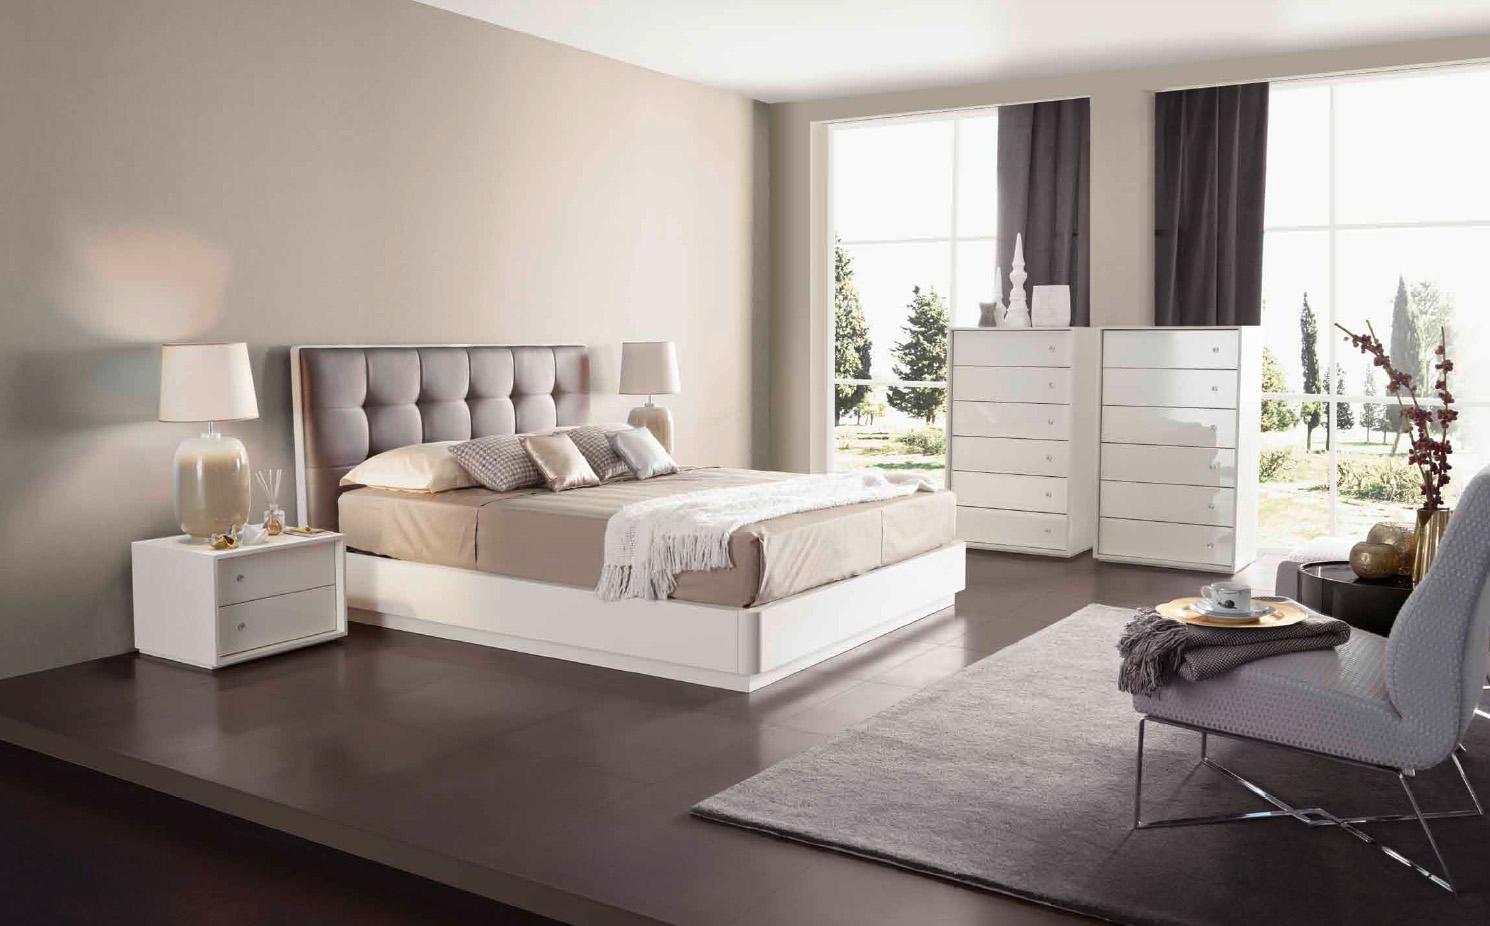 Un dormitorio moderno villalba interiorismo for Cortinas dormitorio moderno